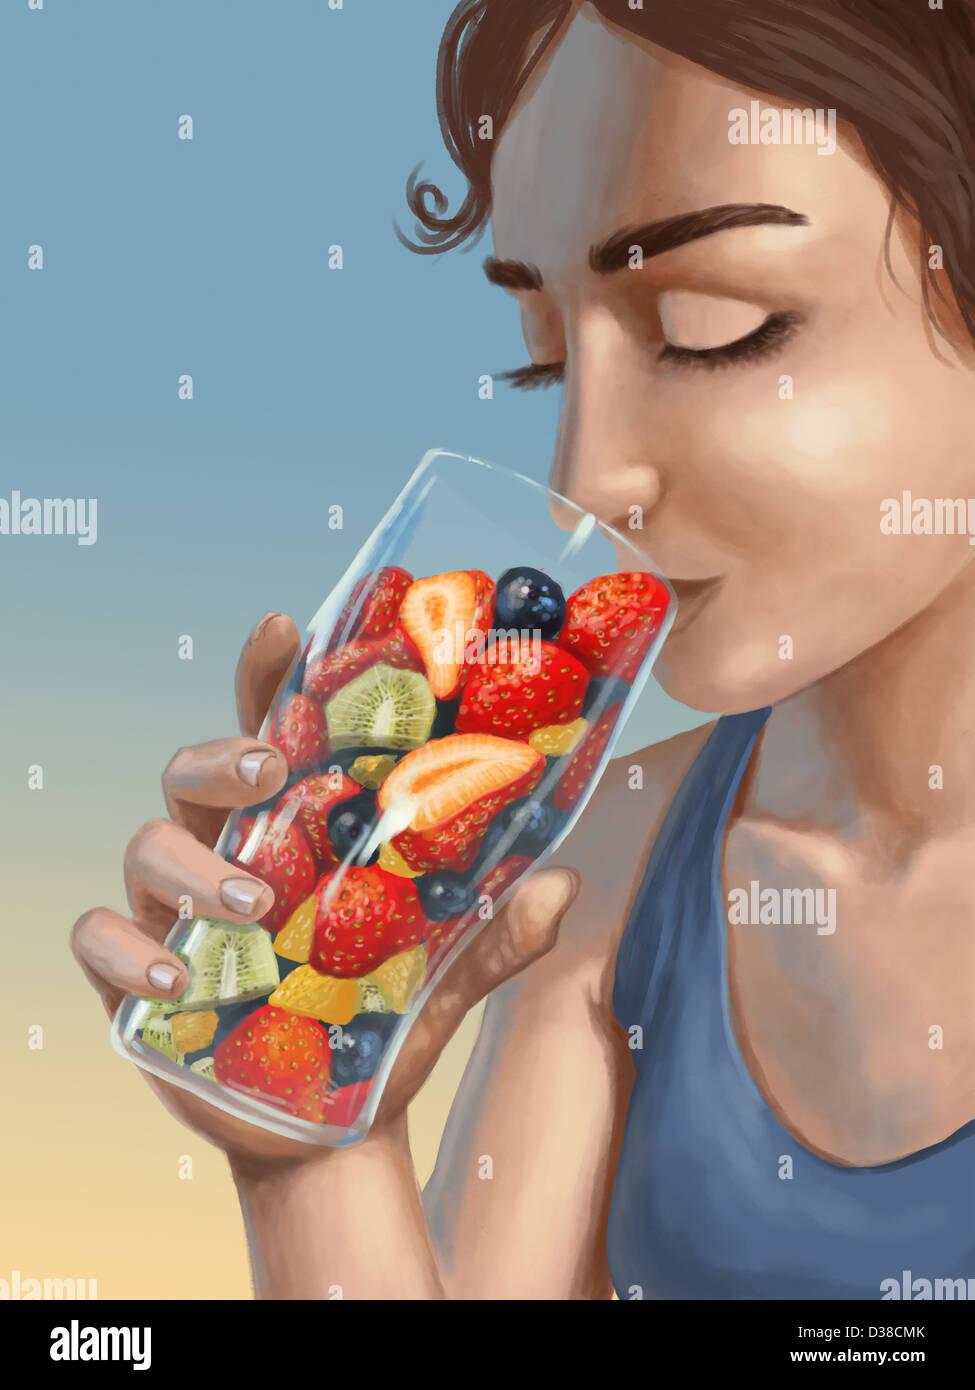 Immagine illustrativa della donna con in mano un bicchiere pieno di frutta fresca che rappresenta uno stile di vita Immagini Stock